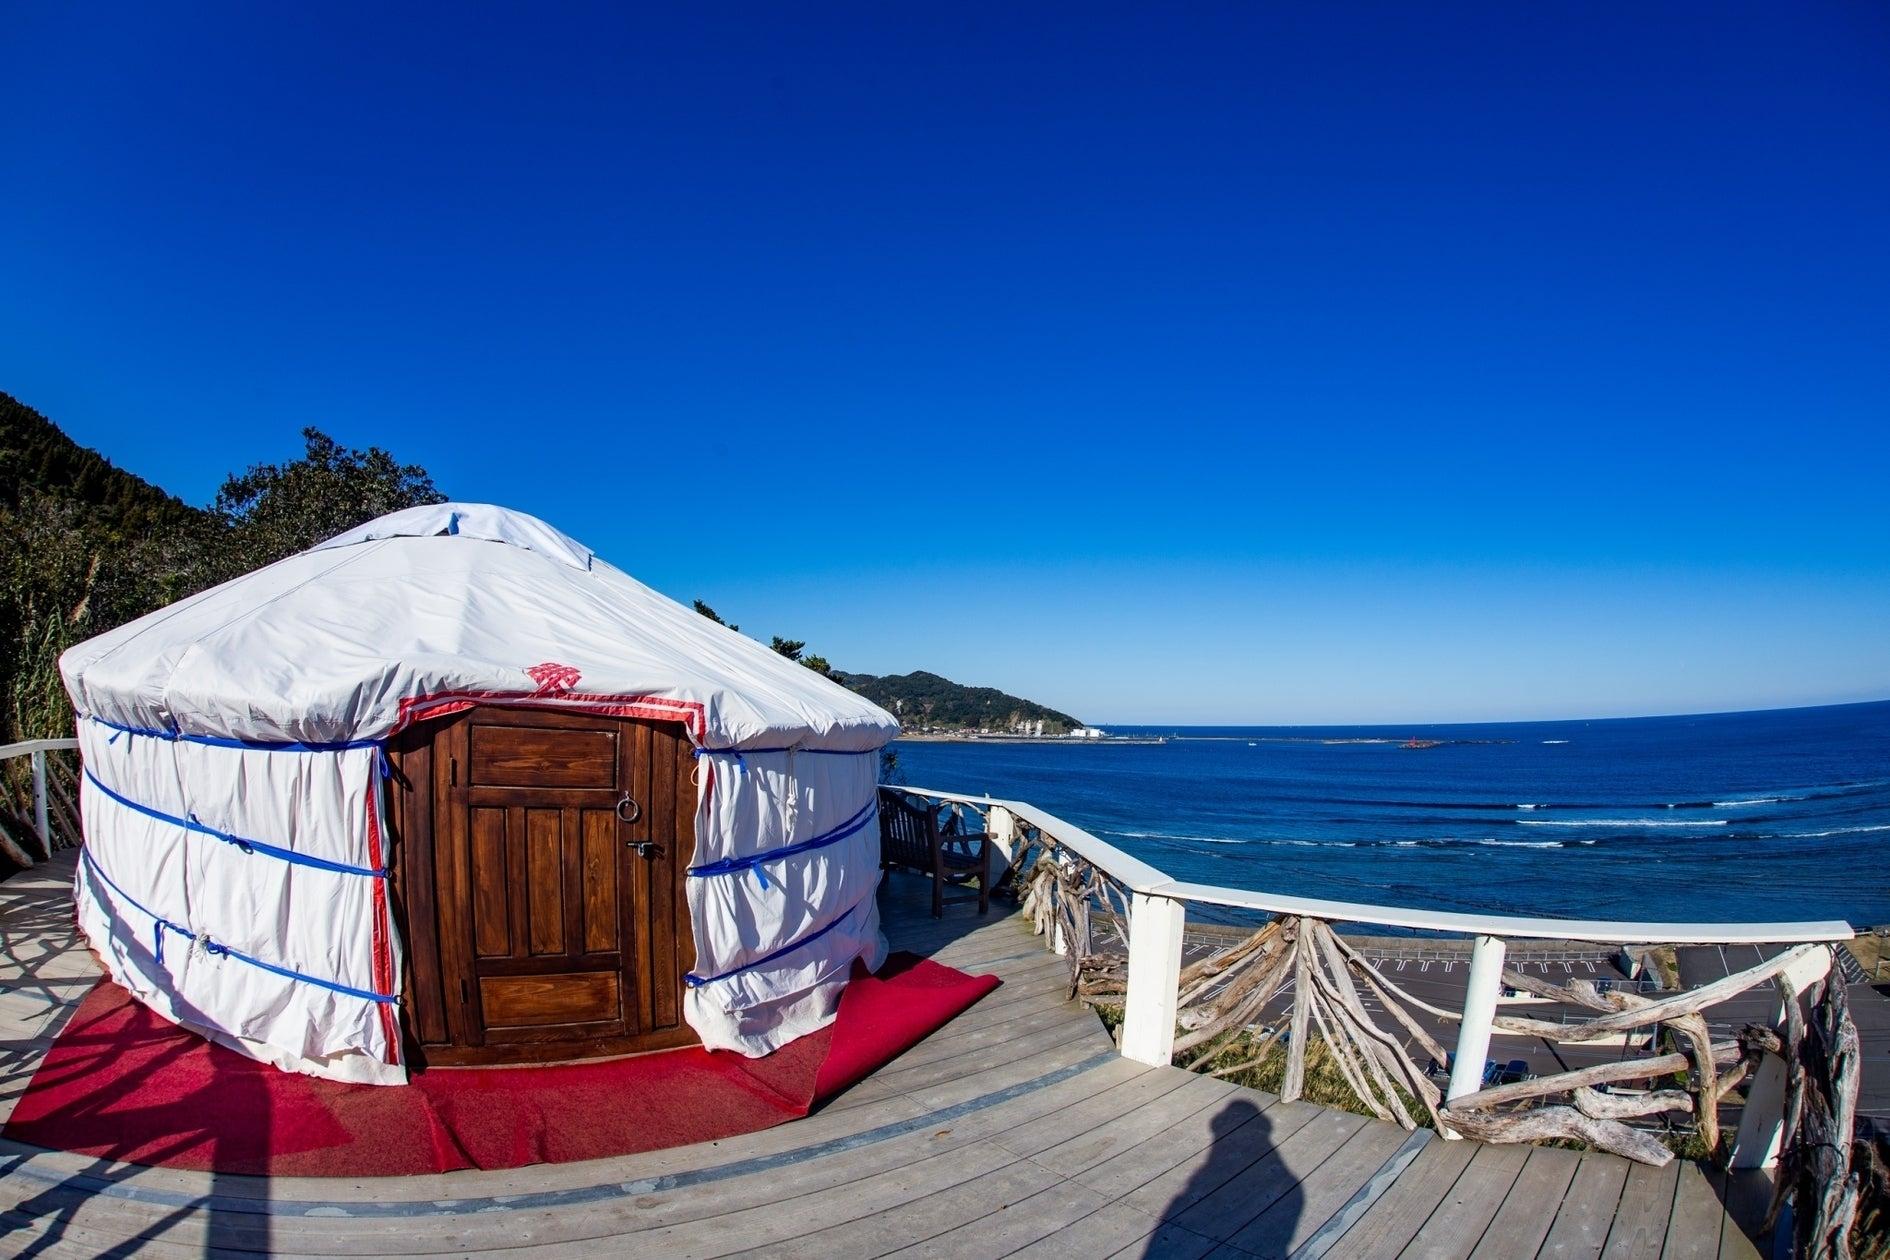 モンゴルから来たゲルテント!ヨガやマッサージ、デイキャンプや写真撮影などに♪Ger Starship(cinema HEAVEN内 camping villa Pillows) の写真0